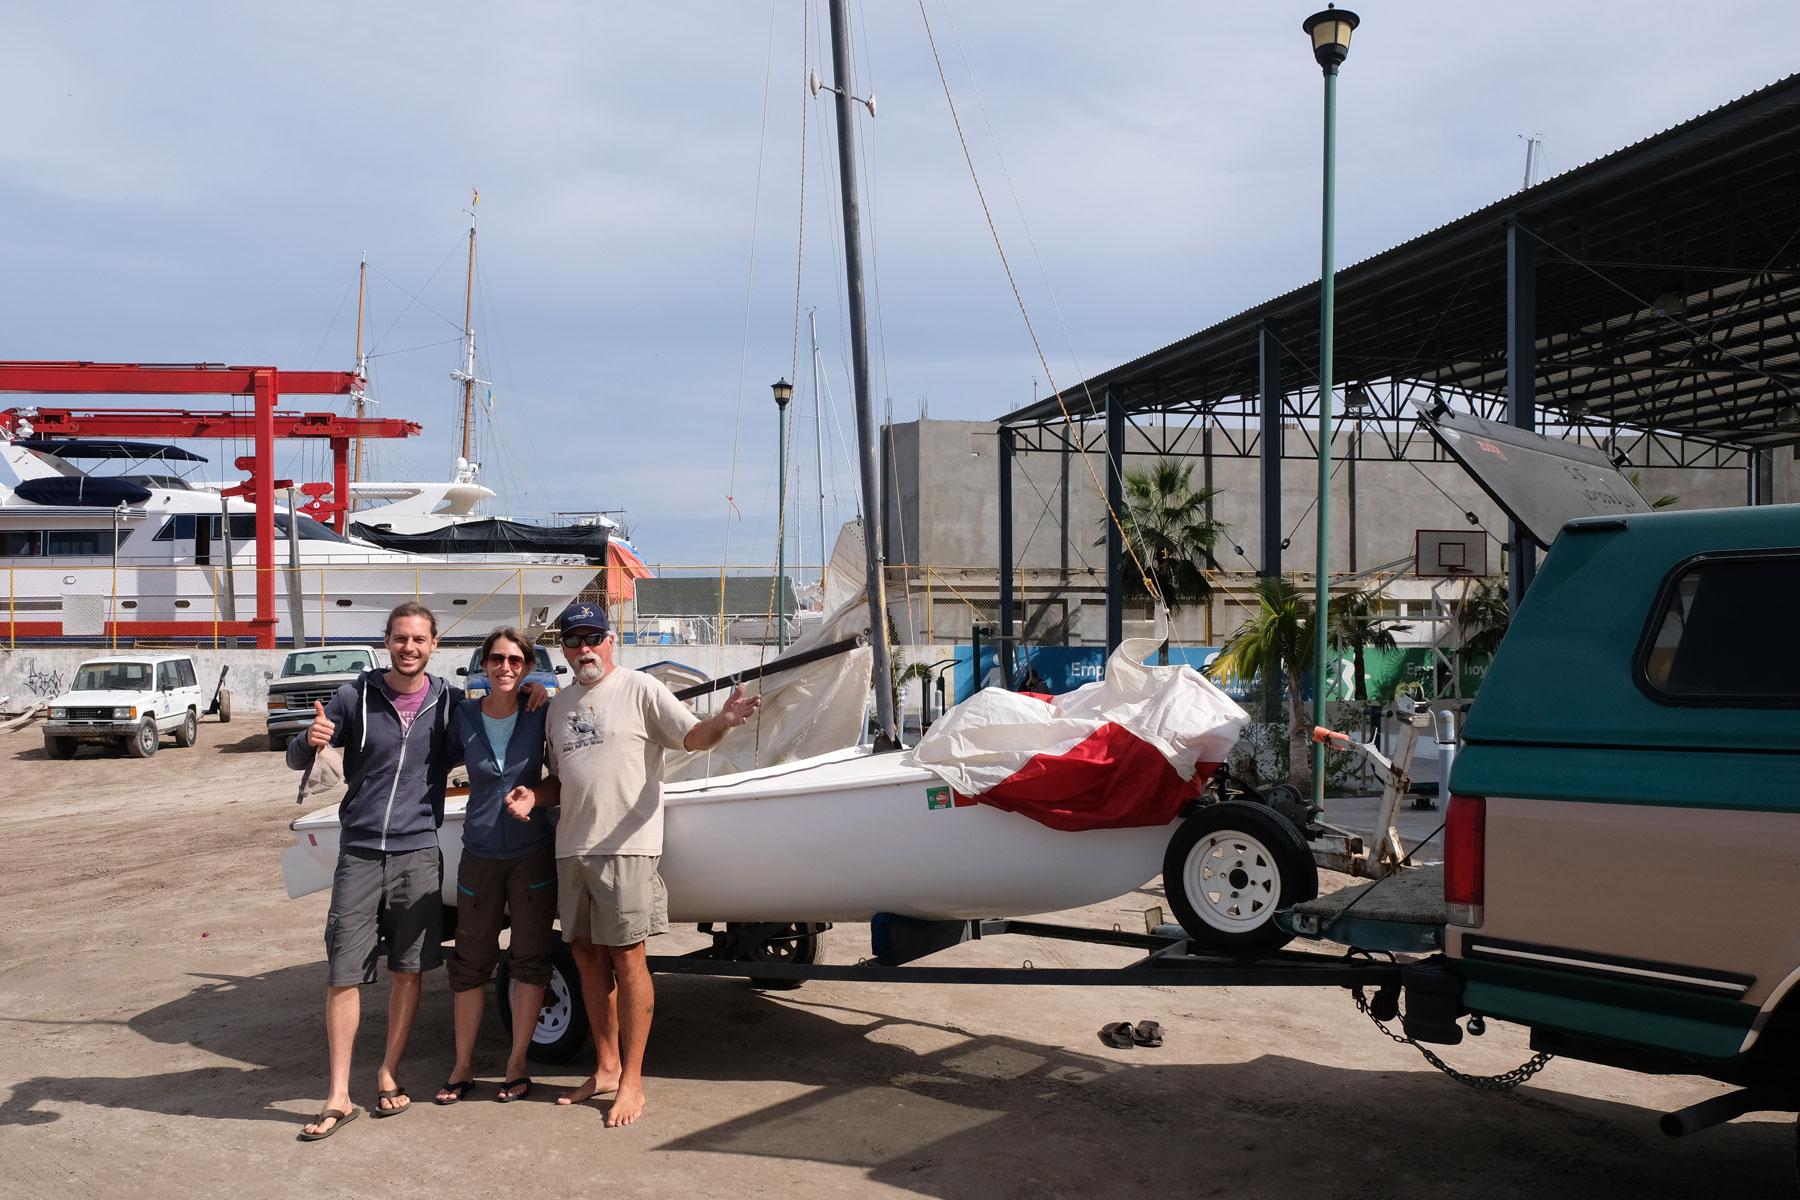 Mit Steve stehen Leo und Sebastian vor einem kleinen Segelboot in La Paz in Mexiko.